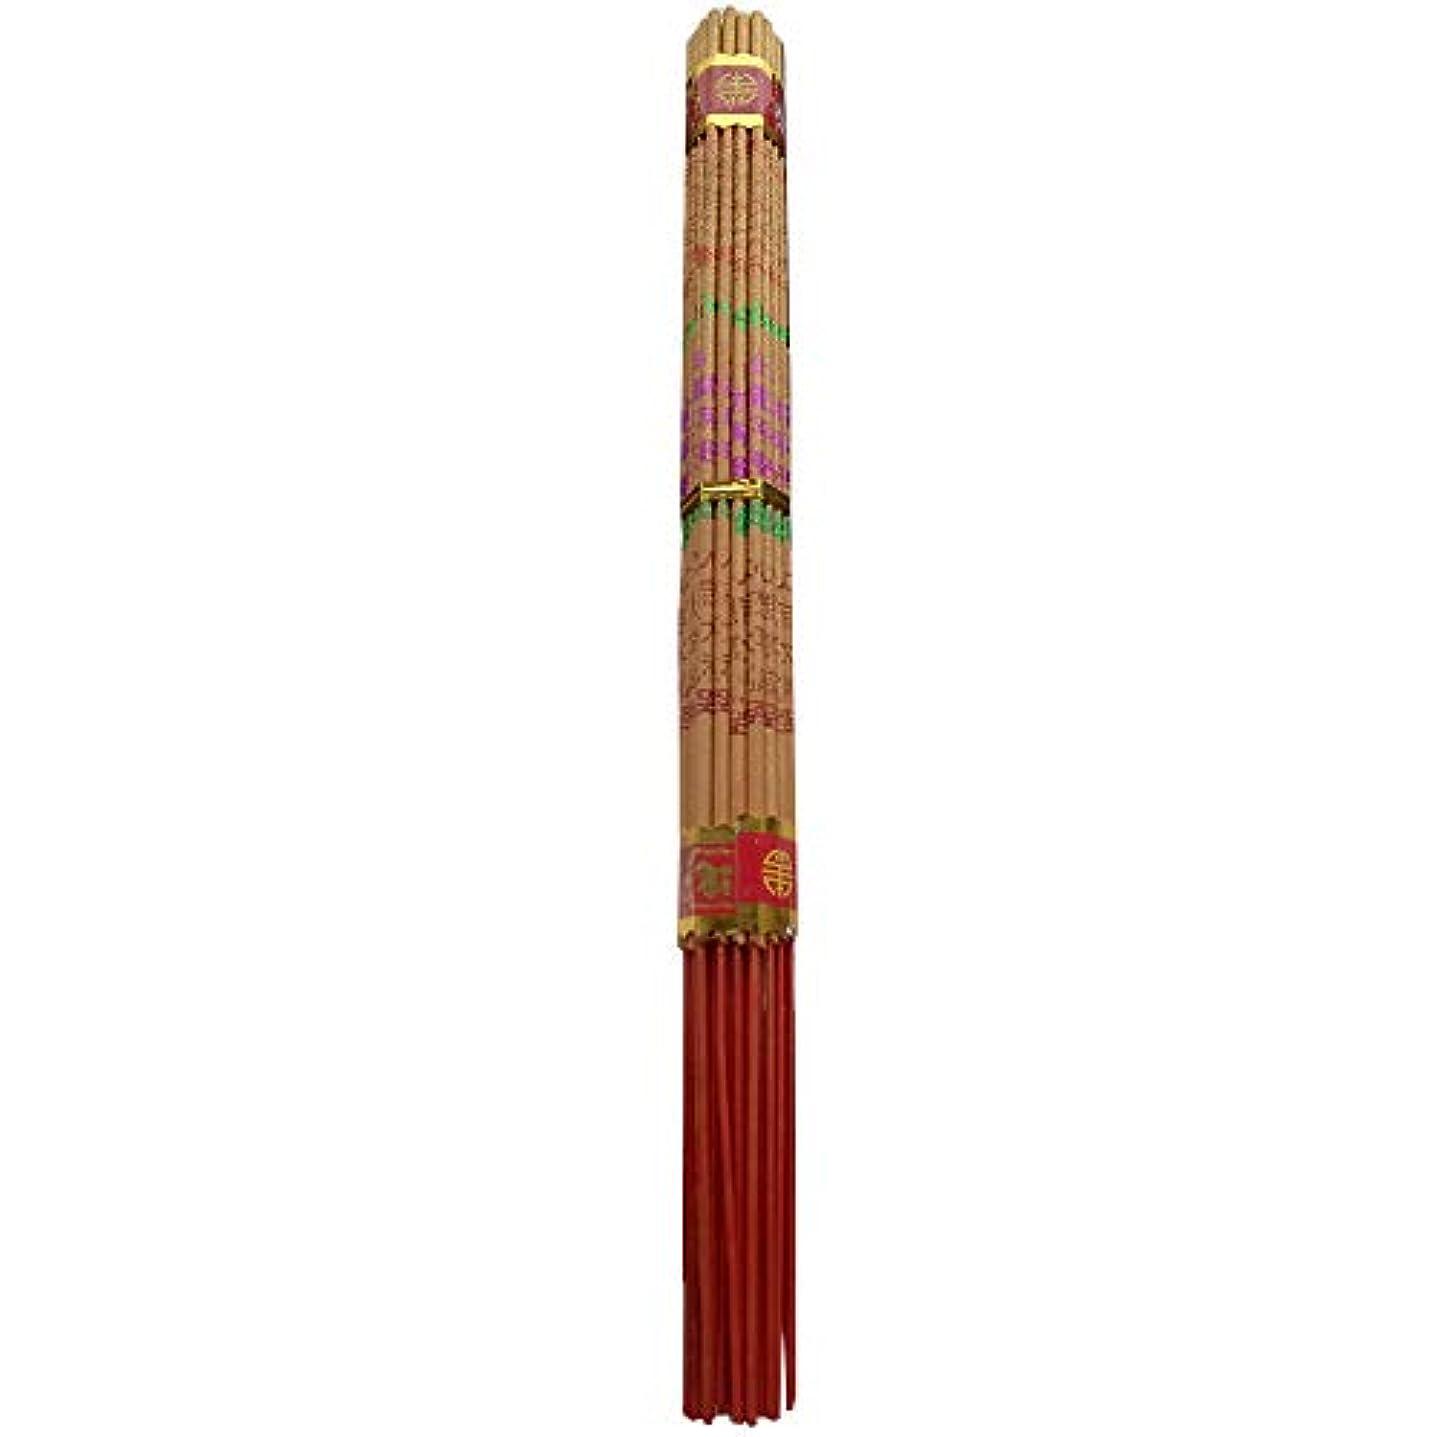 主観的一般ファッションzeestar Incense/中国香お香Long Burning Buddhist 10.2インチ – 38 Sticks